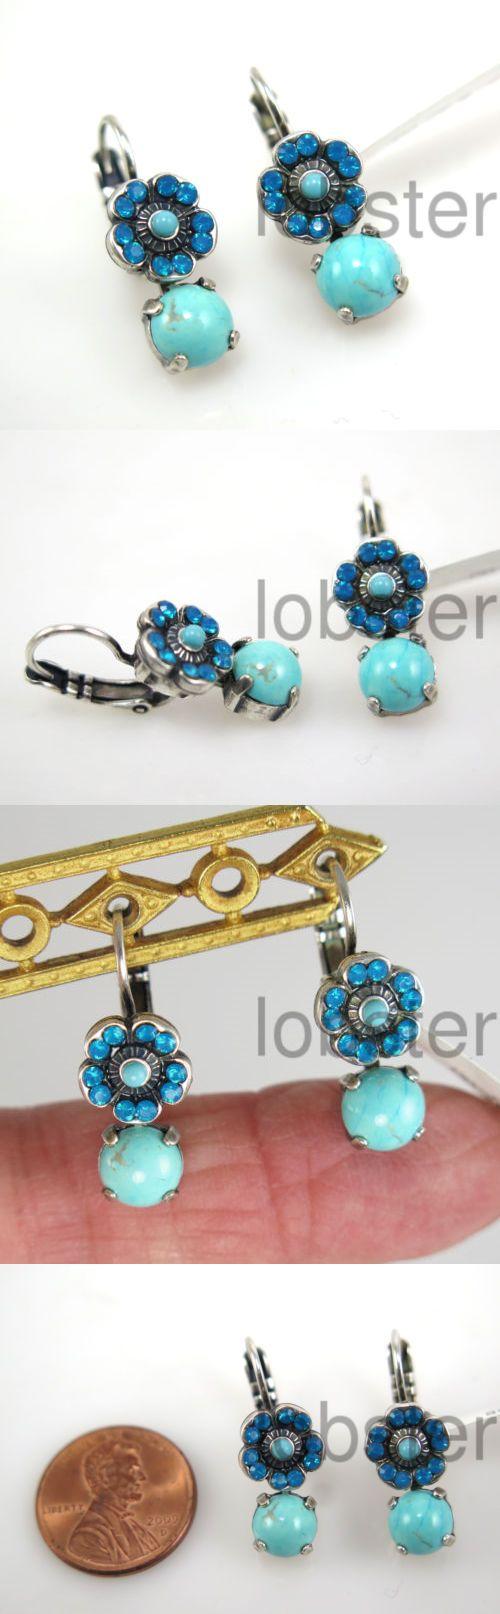 Earrings 110645: Mariana Africa Zambezi Silver Dangle Earrings Swarovski Crystal Blue Turquoise -> BUY IT NOW ONLY: $37 on eBay!